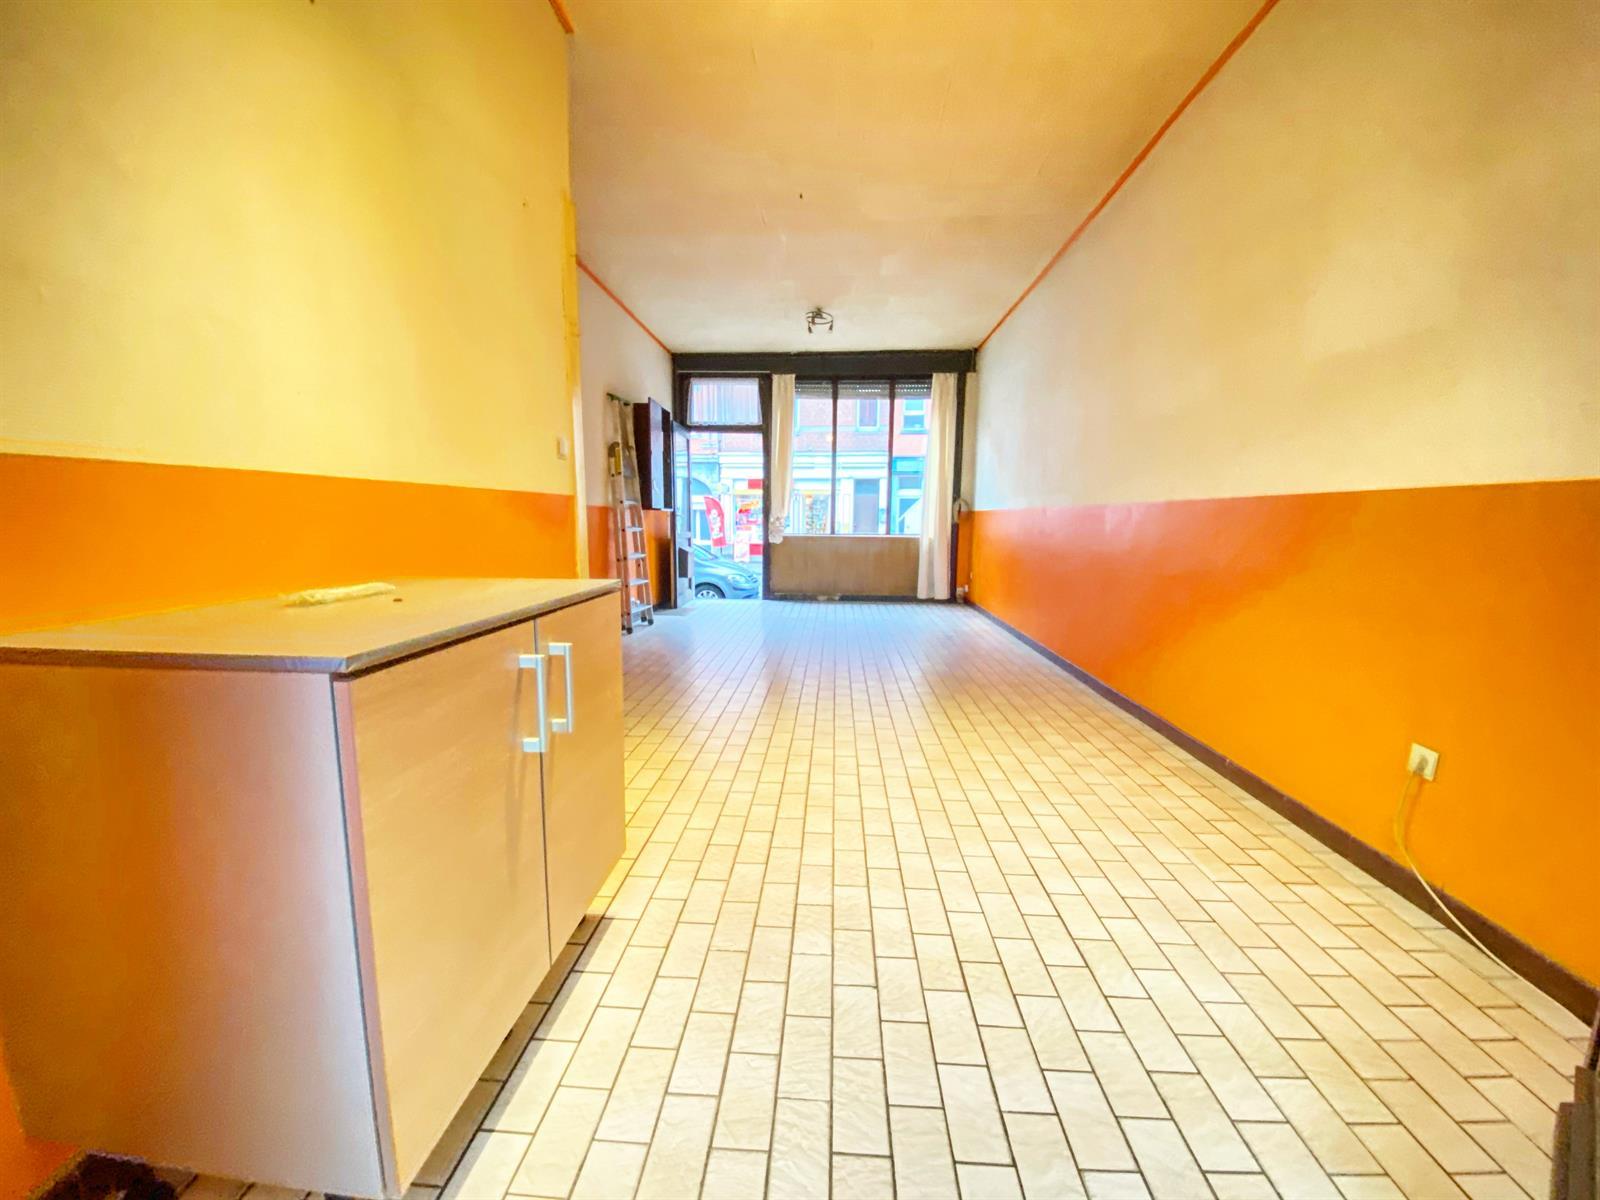 Maison - Liege - #4157610-2